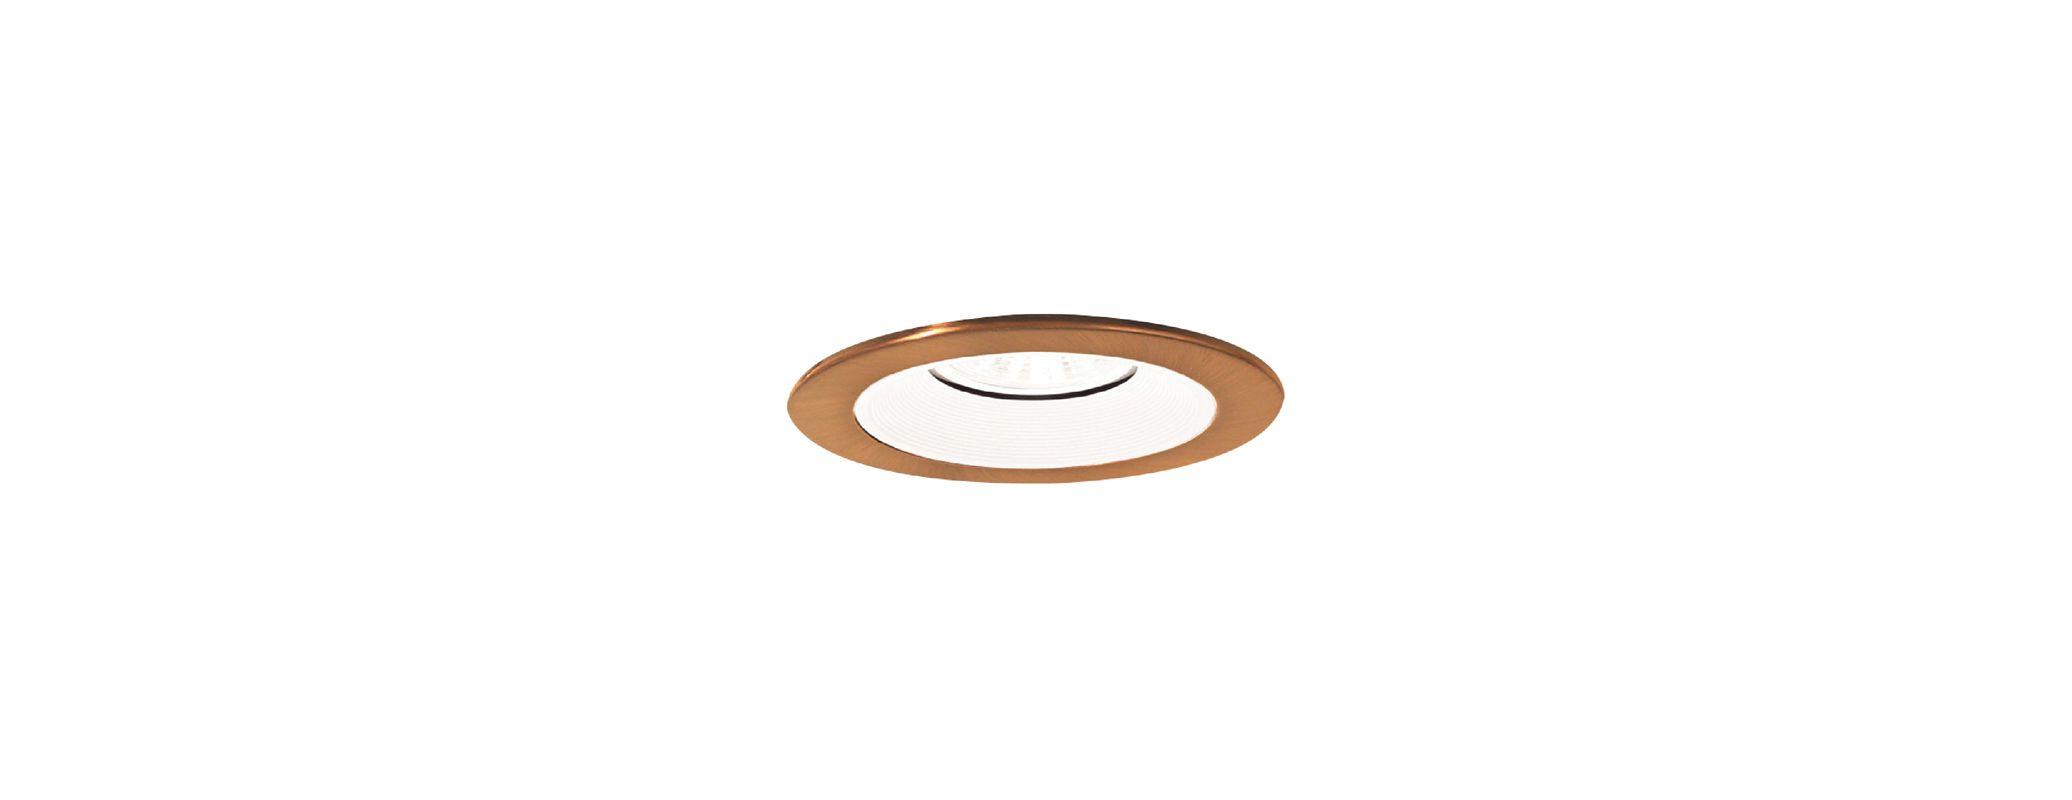 Elco EL2693 3&quote Diecast Adjustable Baffle Trim White / Copper Recessed